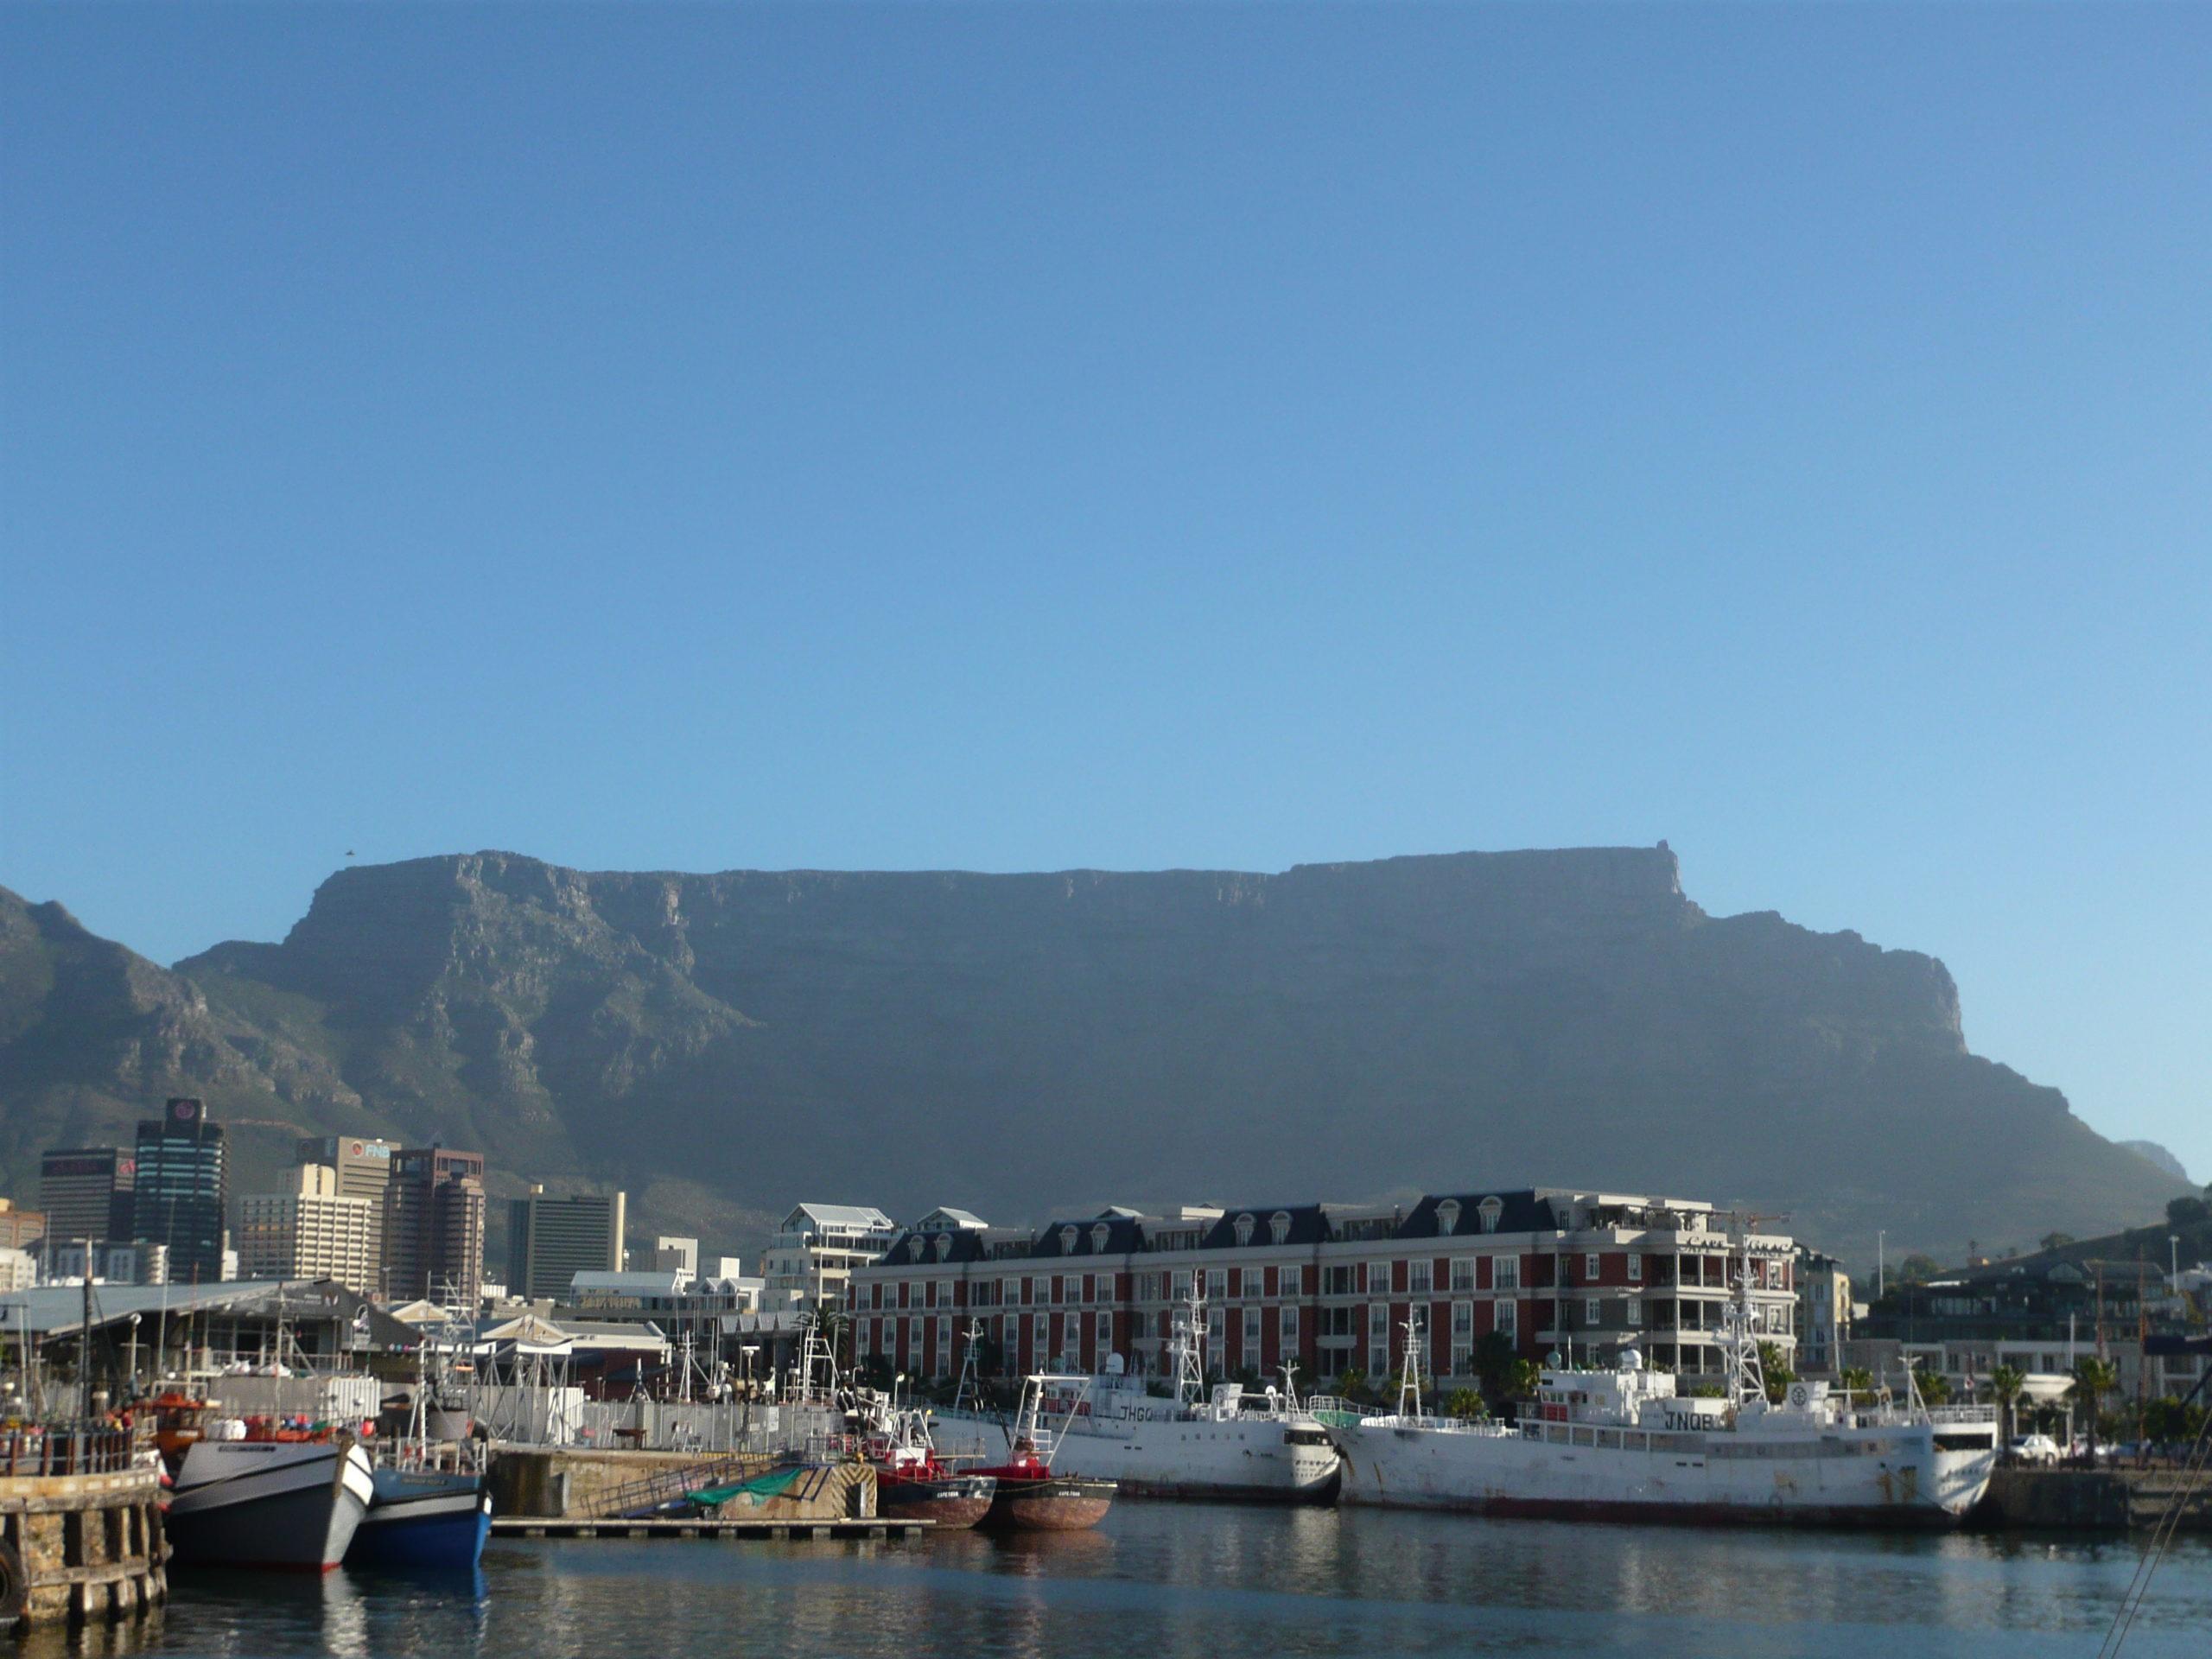 Voyage à Capetown en Afrique du Sud - Julien Legrand